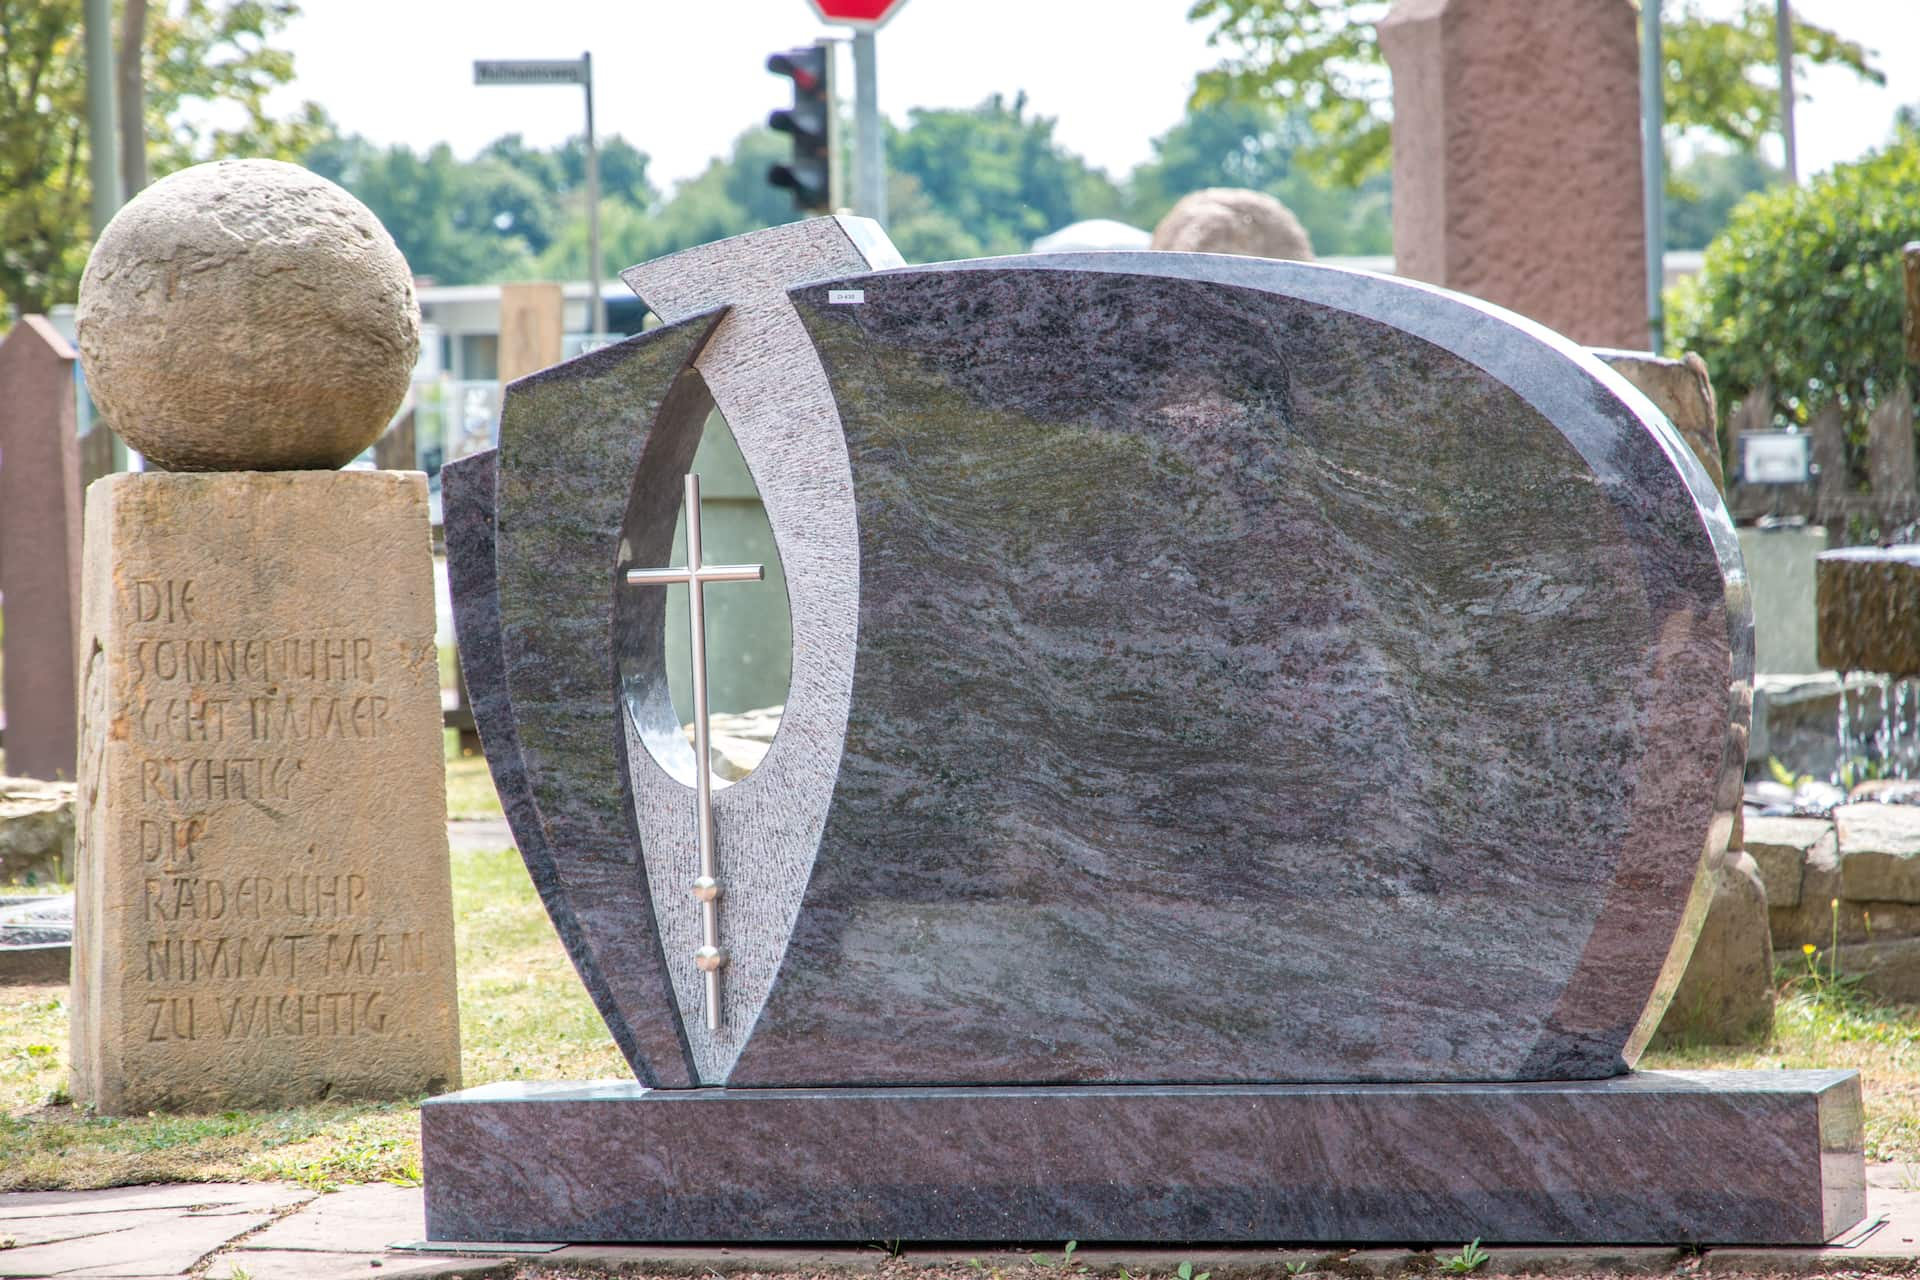 Grabsteinausstellung Delbrück Brechmann